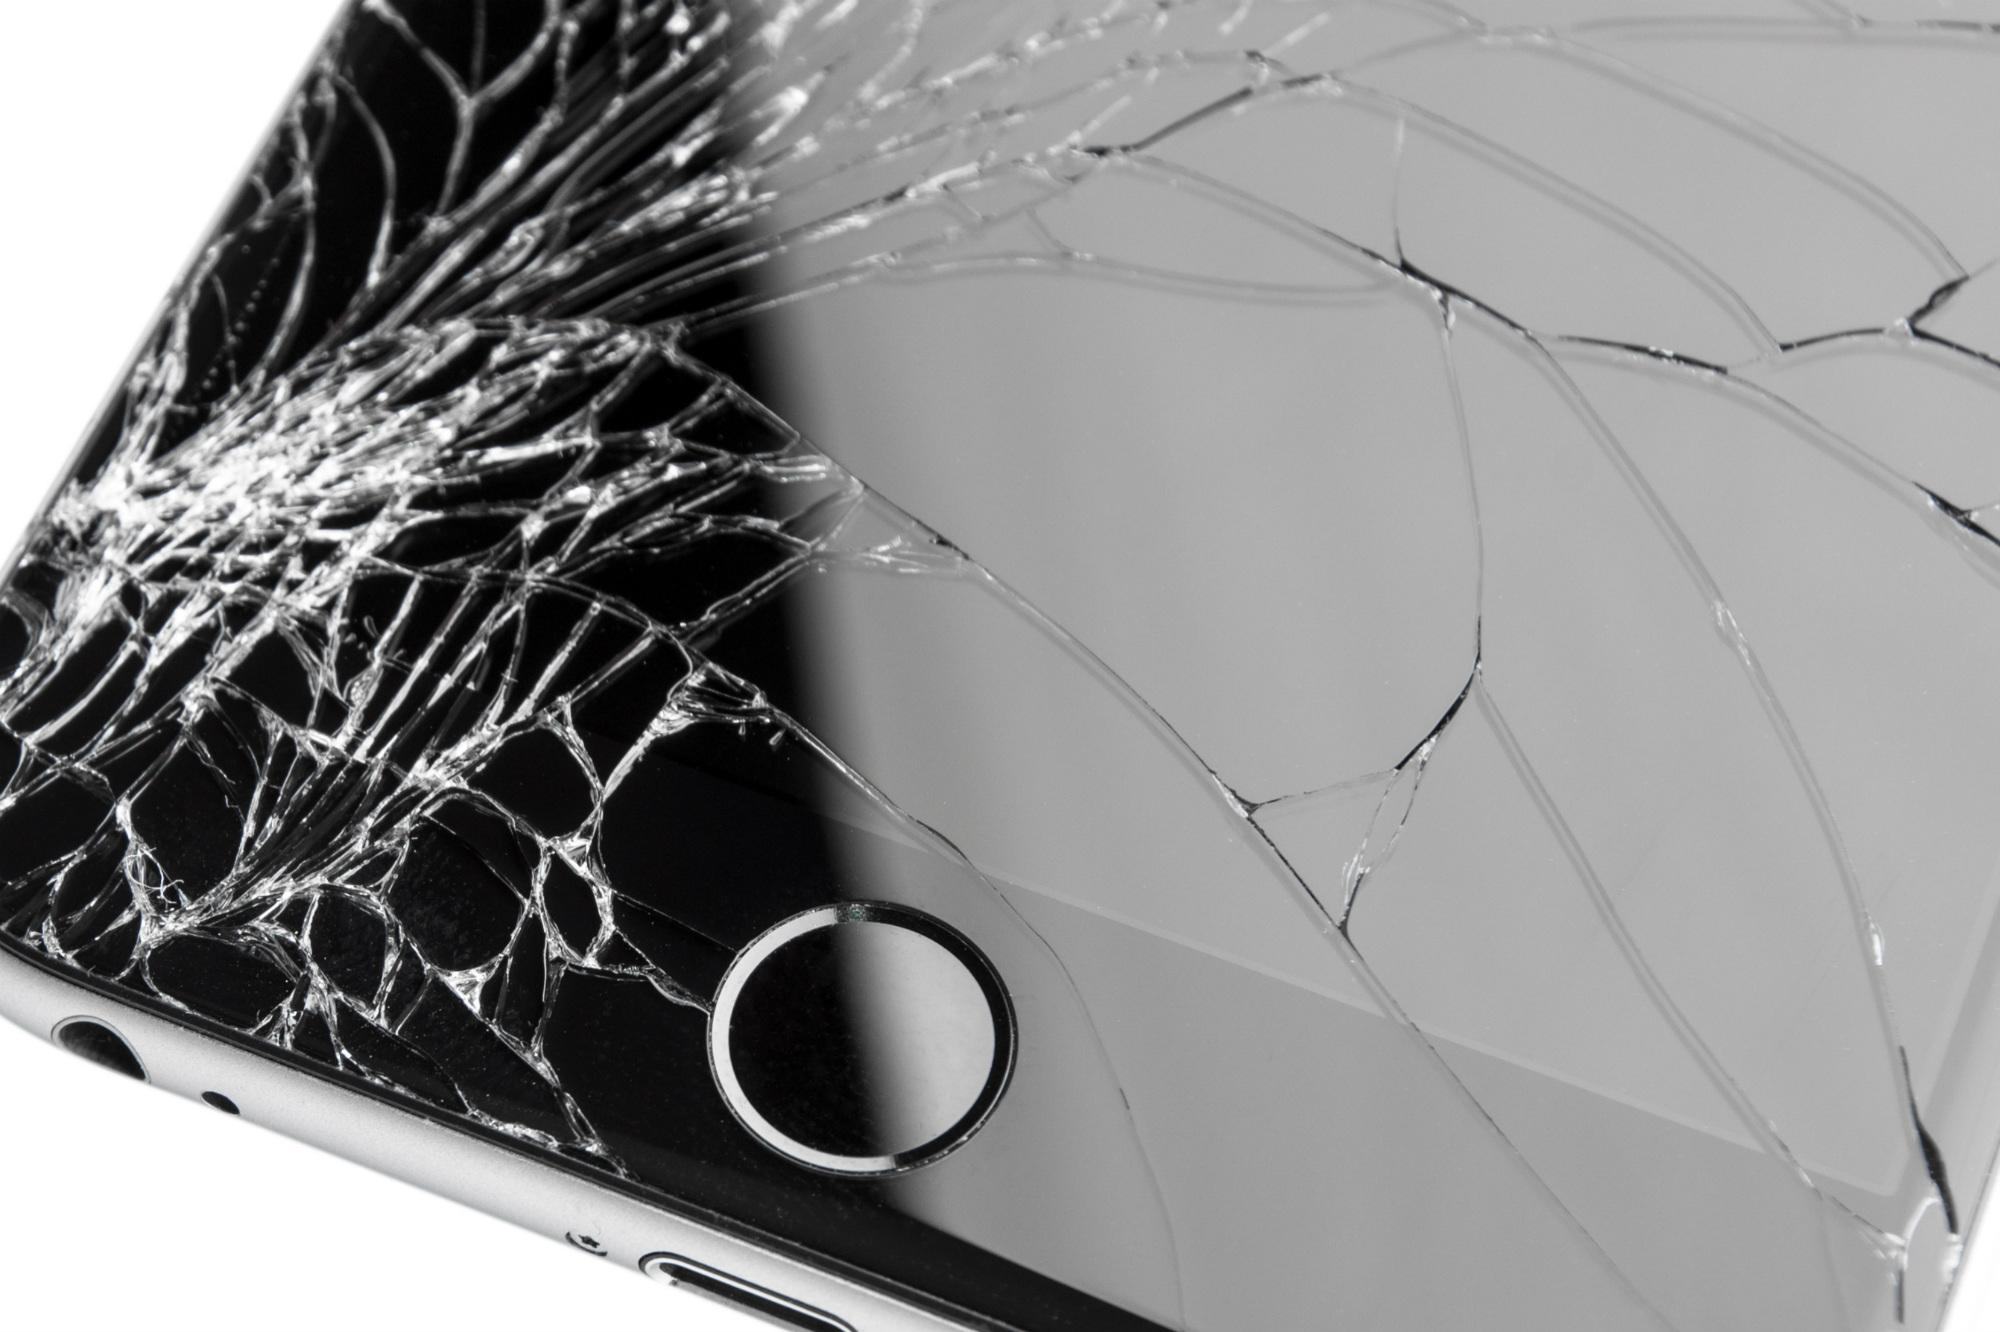 Schermo rotto: riparazione e garanzia telefono